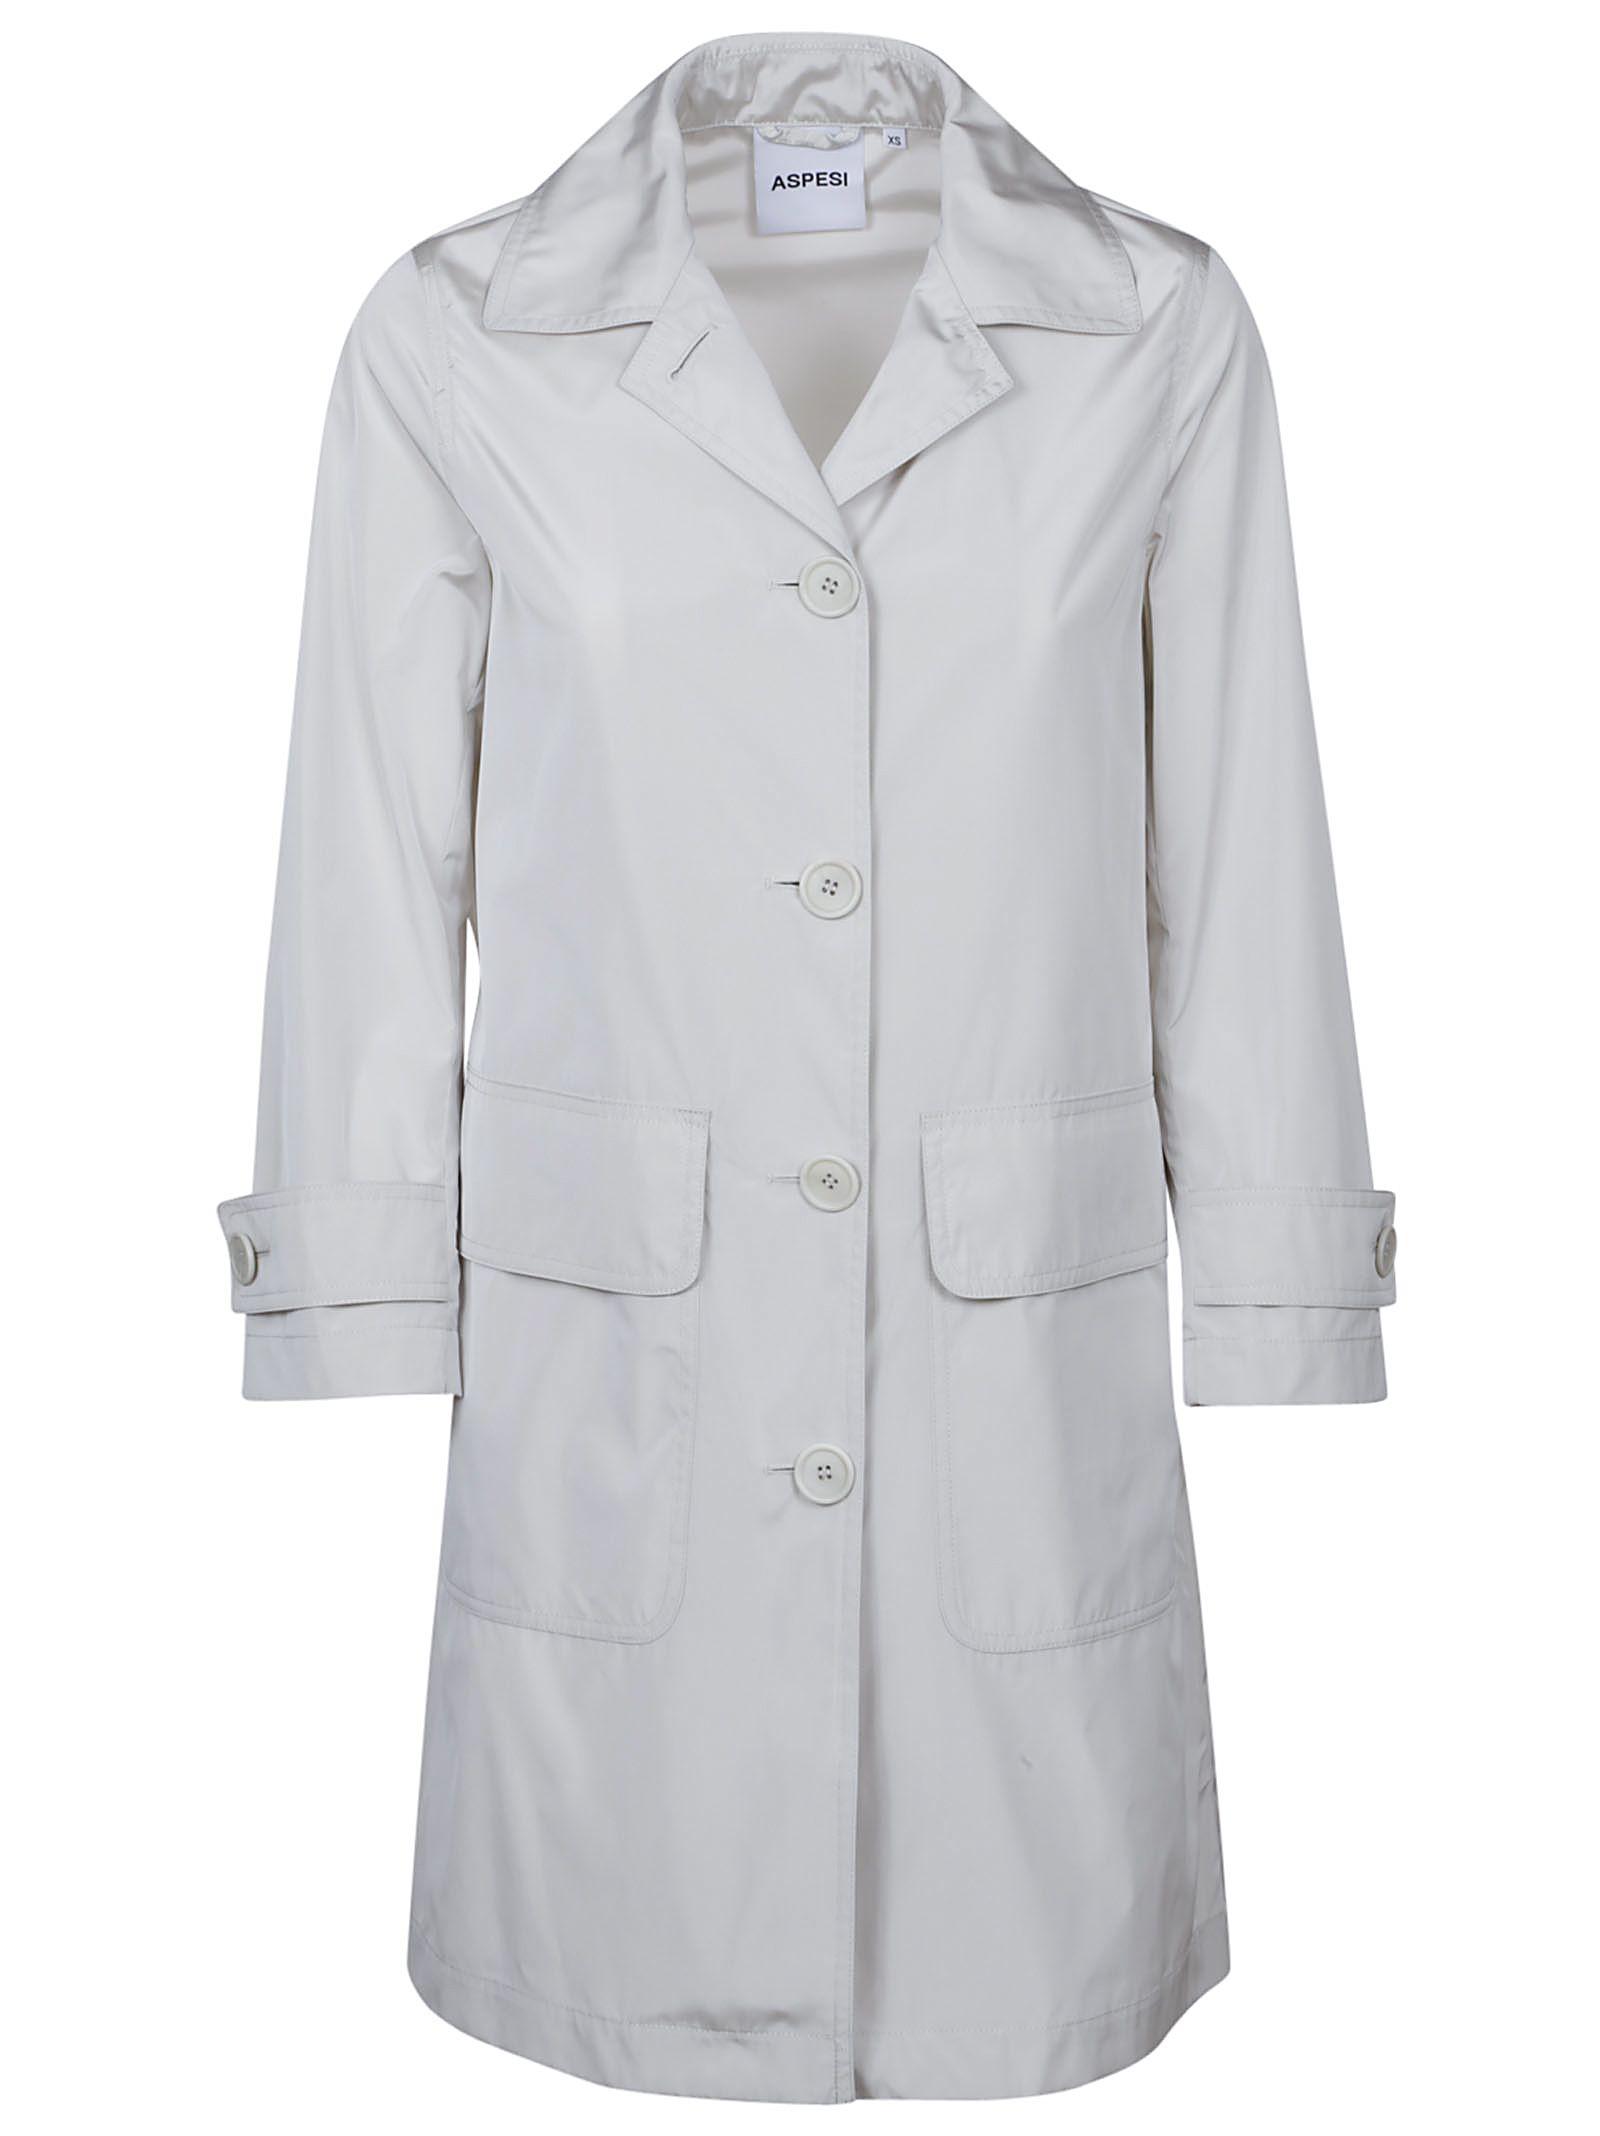 Aspesi Oversized Coat